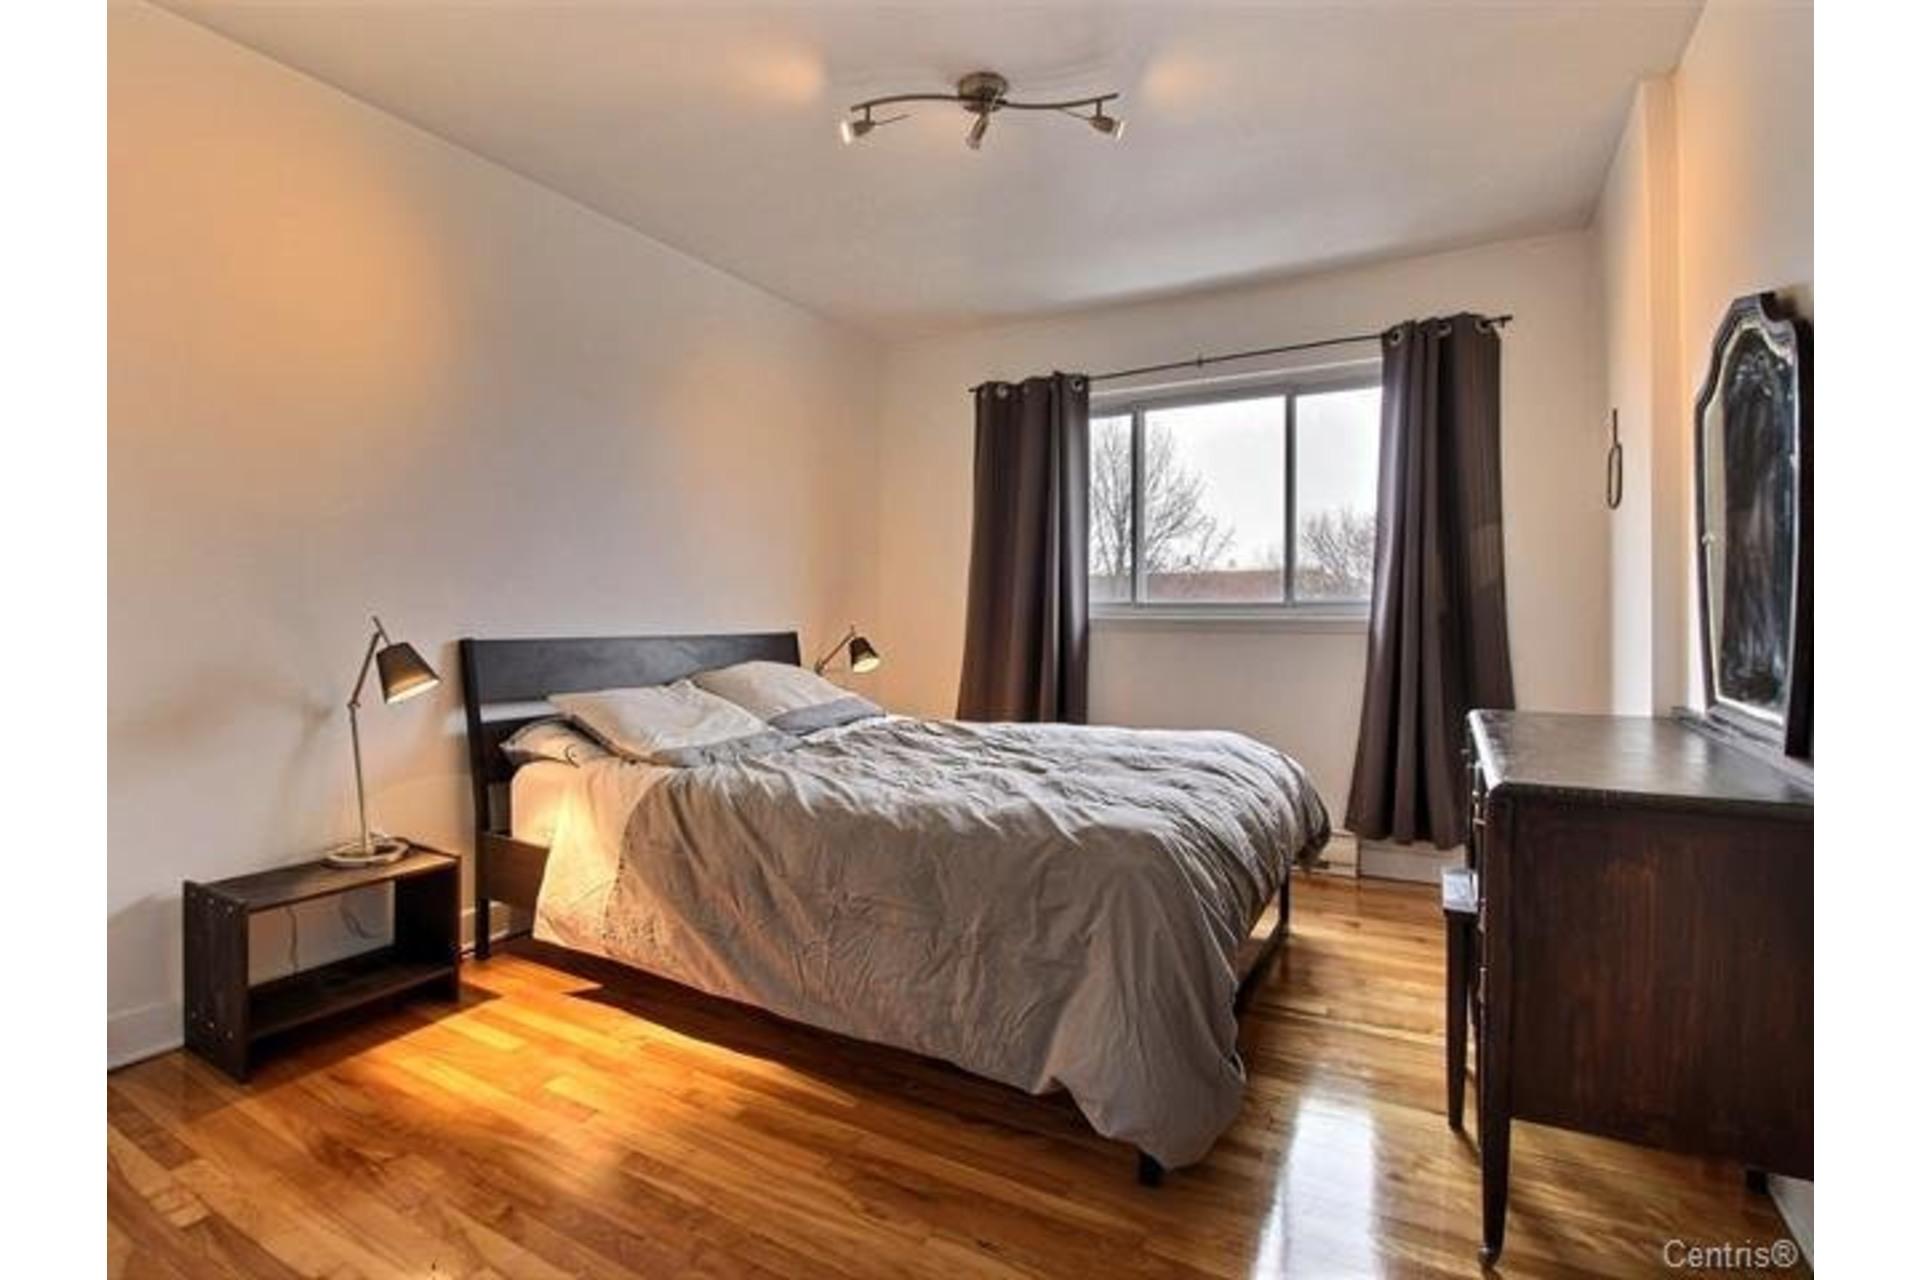 image 16 - Apartment For rent Montréal Mercier/Hochelaga-Maisonneuve  - 7 rooms